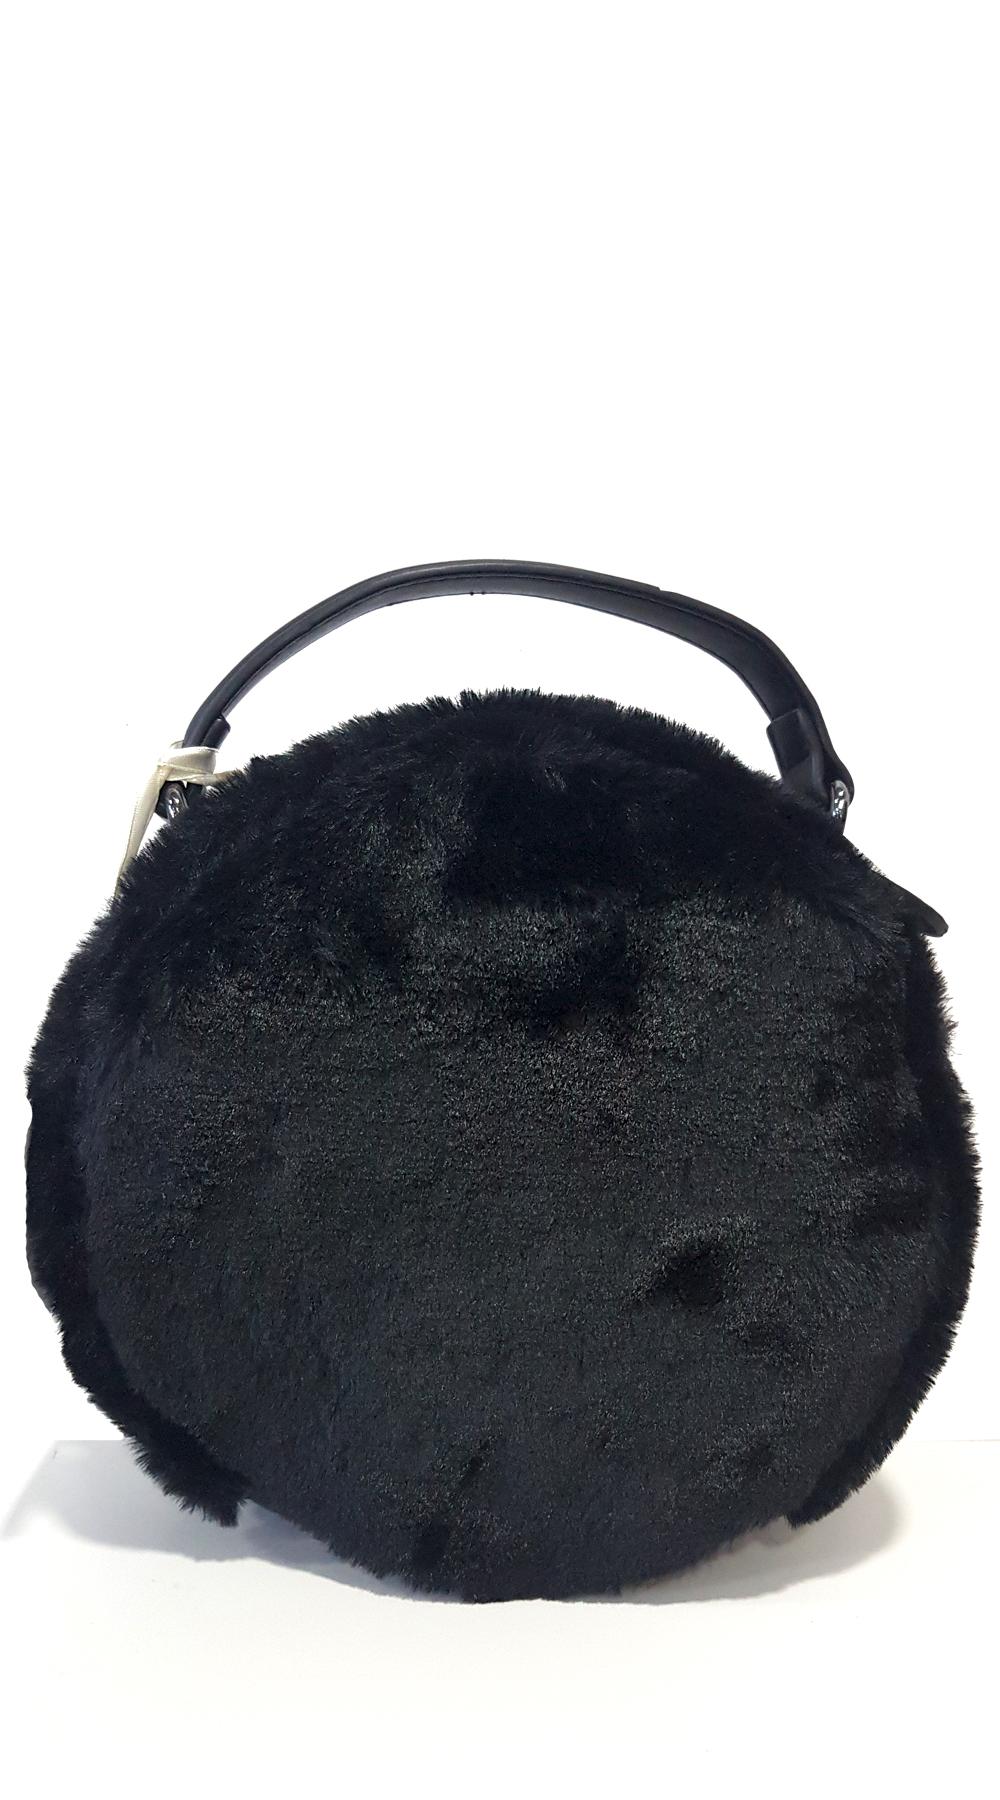 7d5c62624f Round Furry Bag